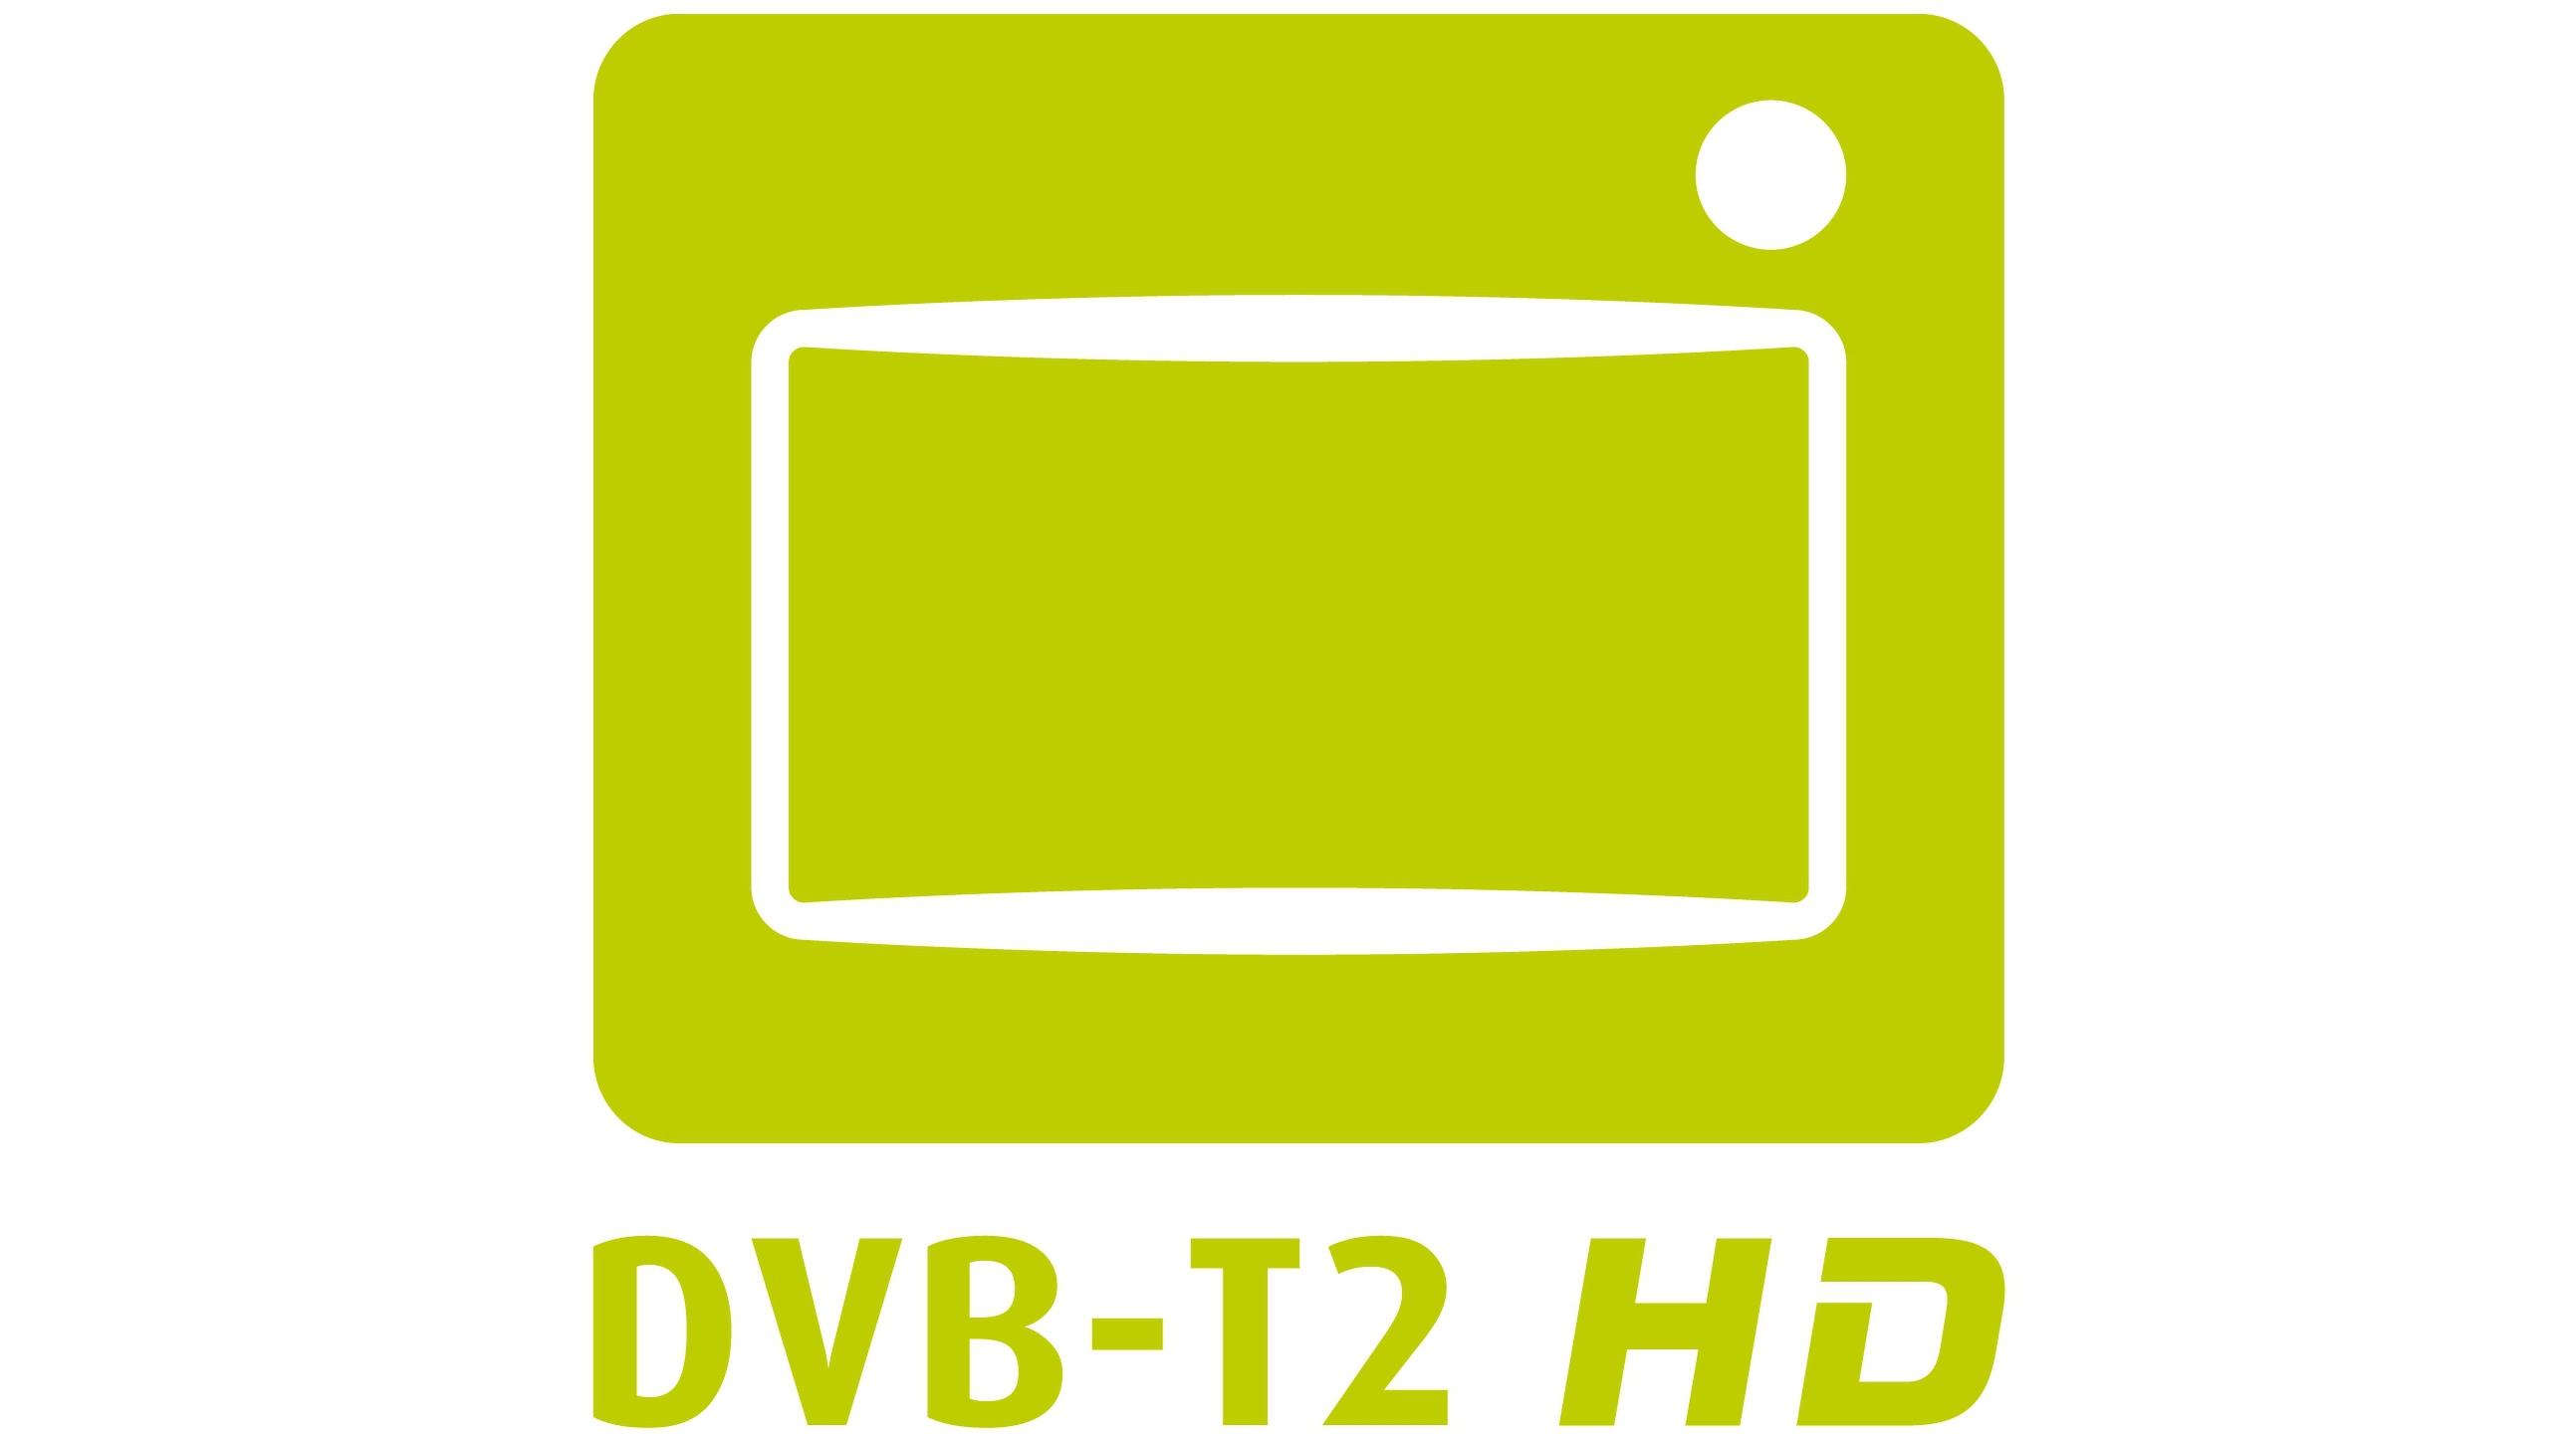 dvb t2 news sat hd. Black Bedroom Furniture Sets. Home Design Ideas